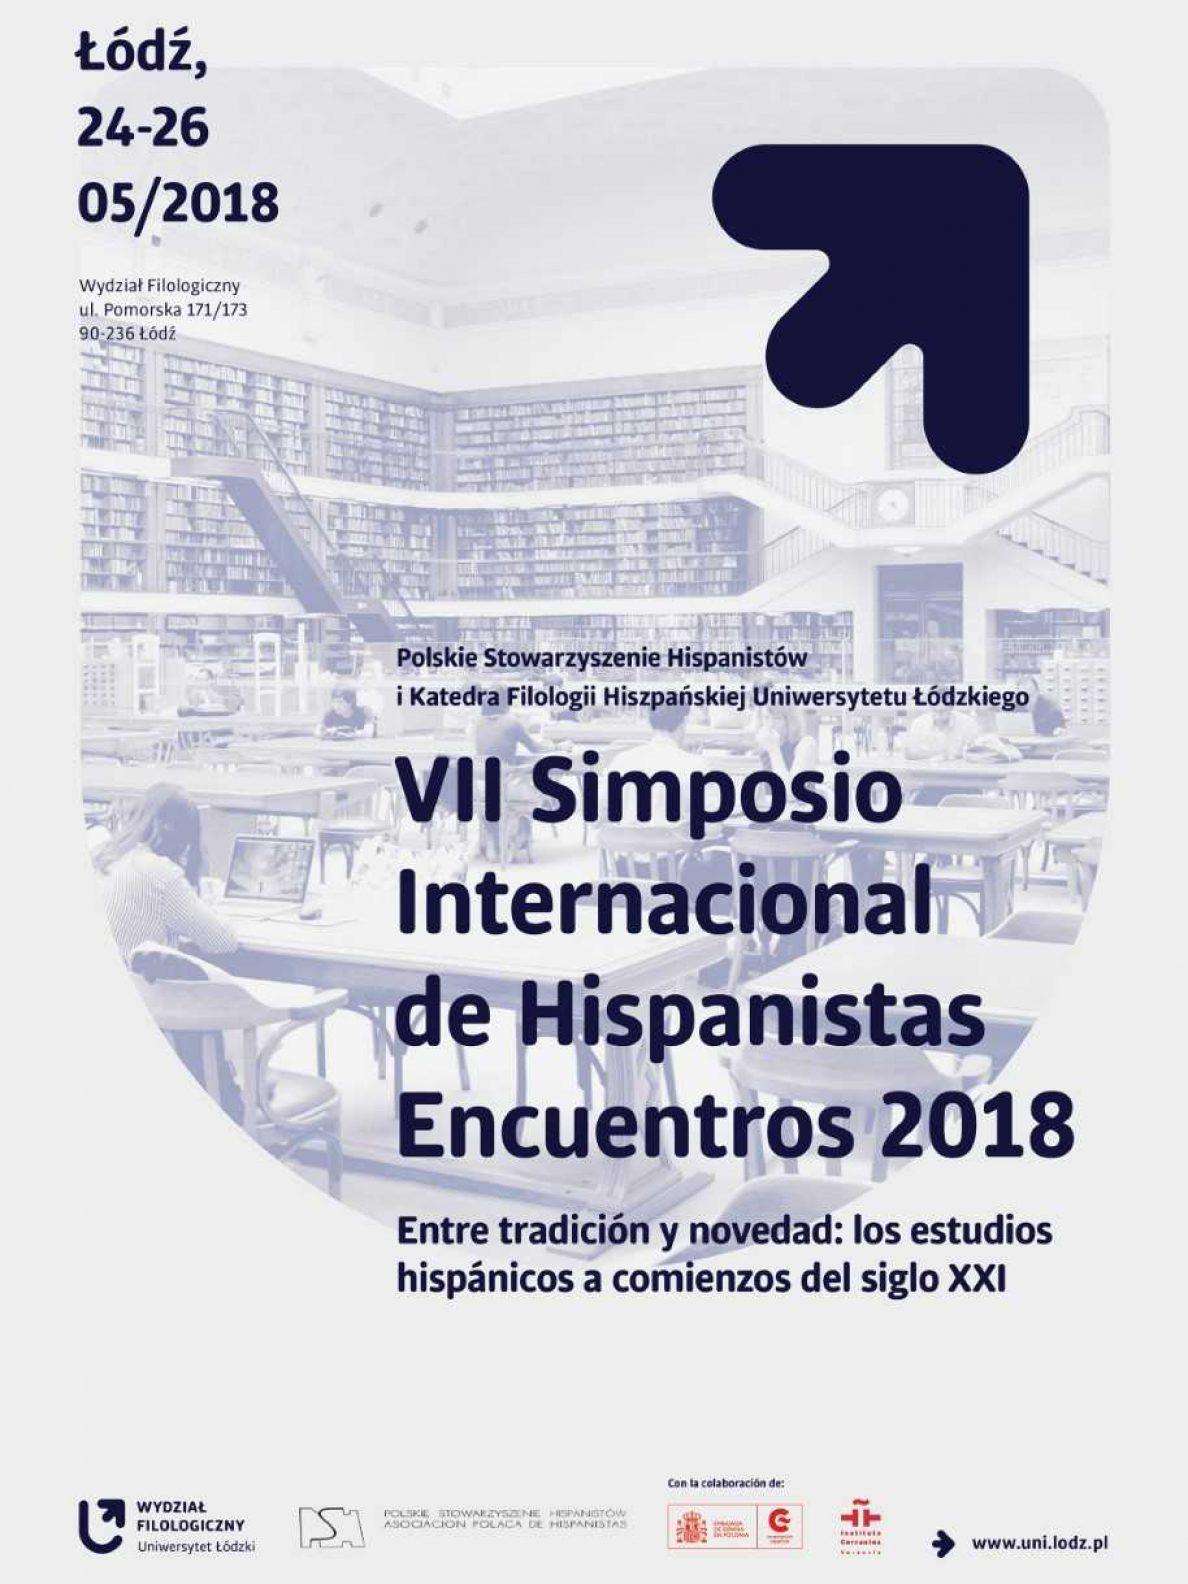 Encuentros-2018_Lodz